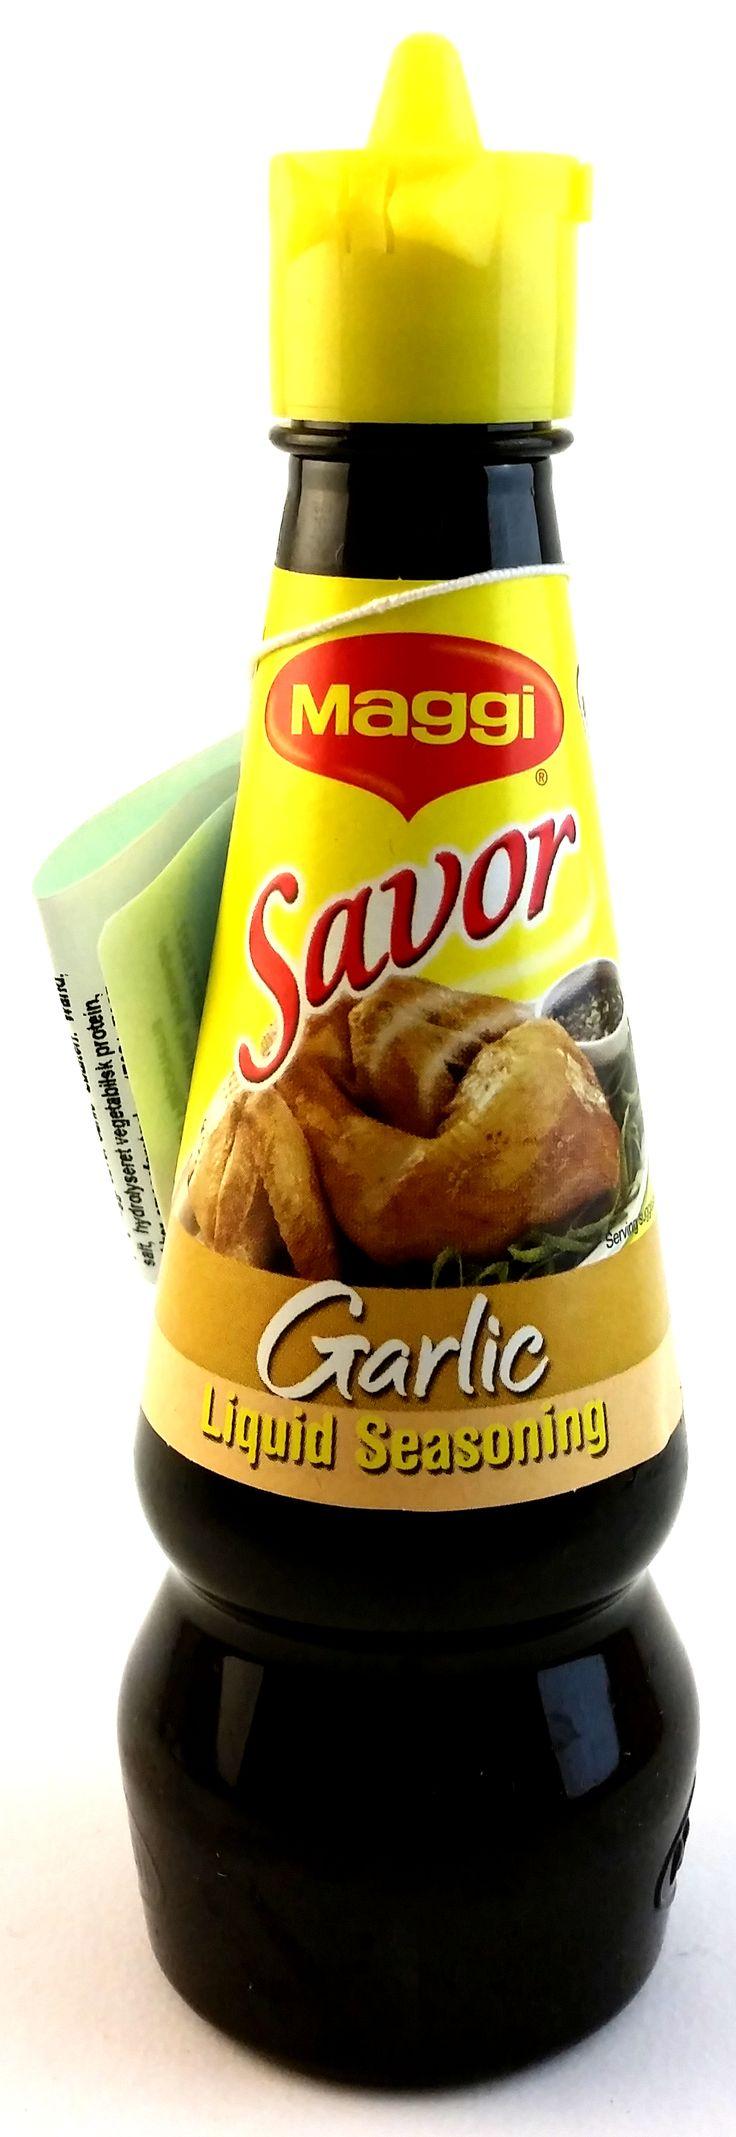 Maggi Savor Garlic